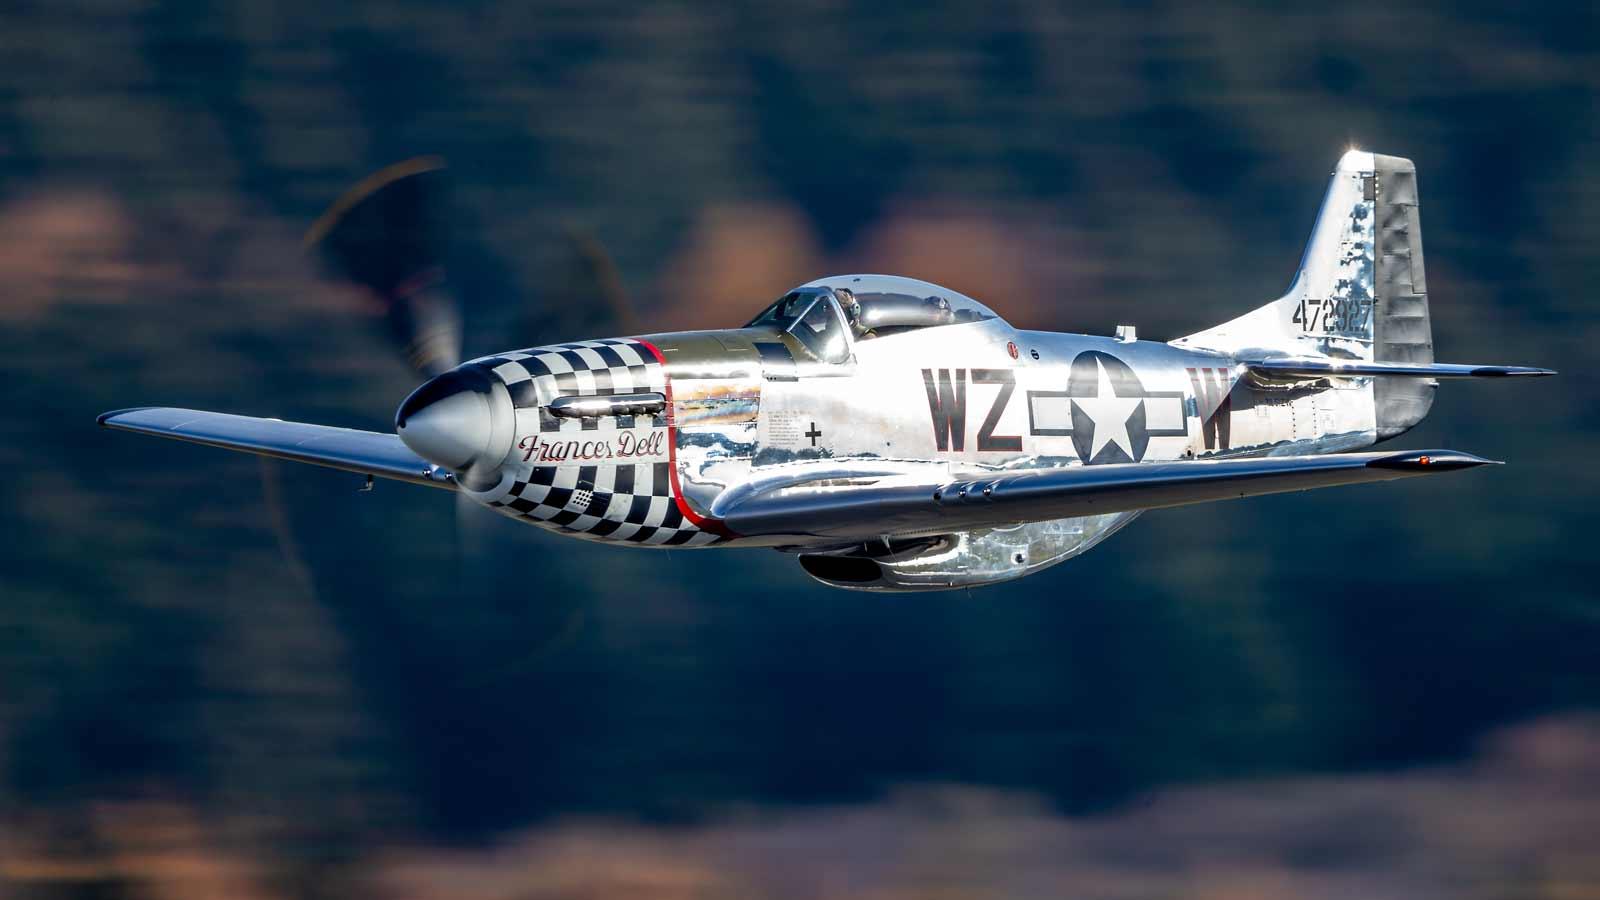 P-51 Frances Dell